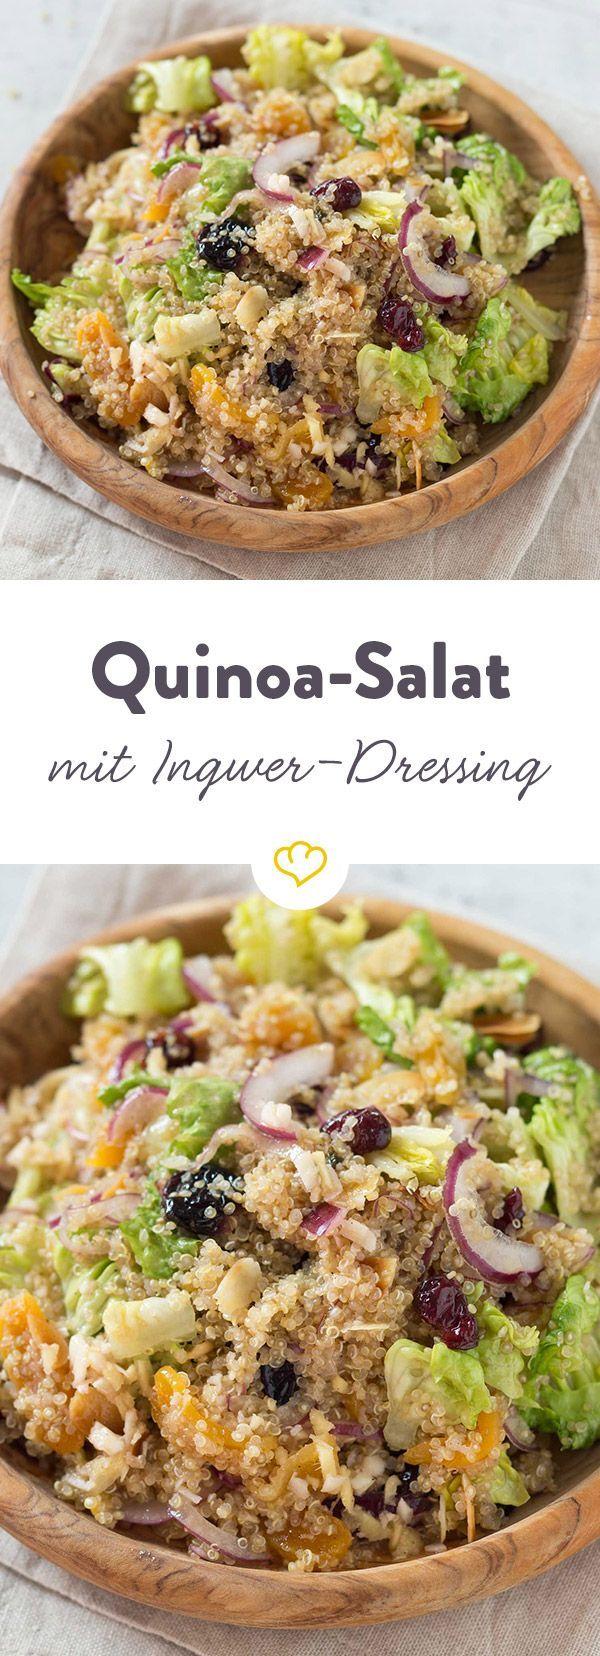 Süßes Trockenobst, knusprige Mandelblättchen und das säuerlich-scharfe Dressing verwandeln schnöden Quinoa in einen super leckeren, gesunden Salat.